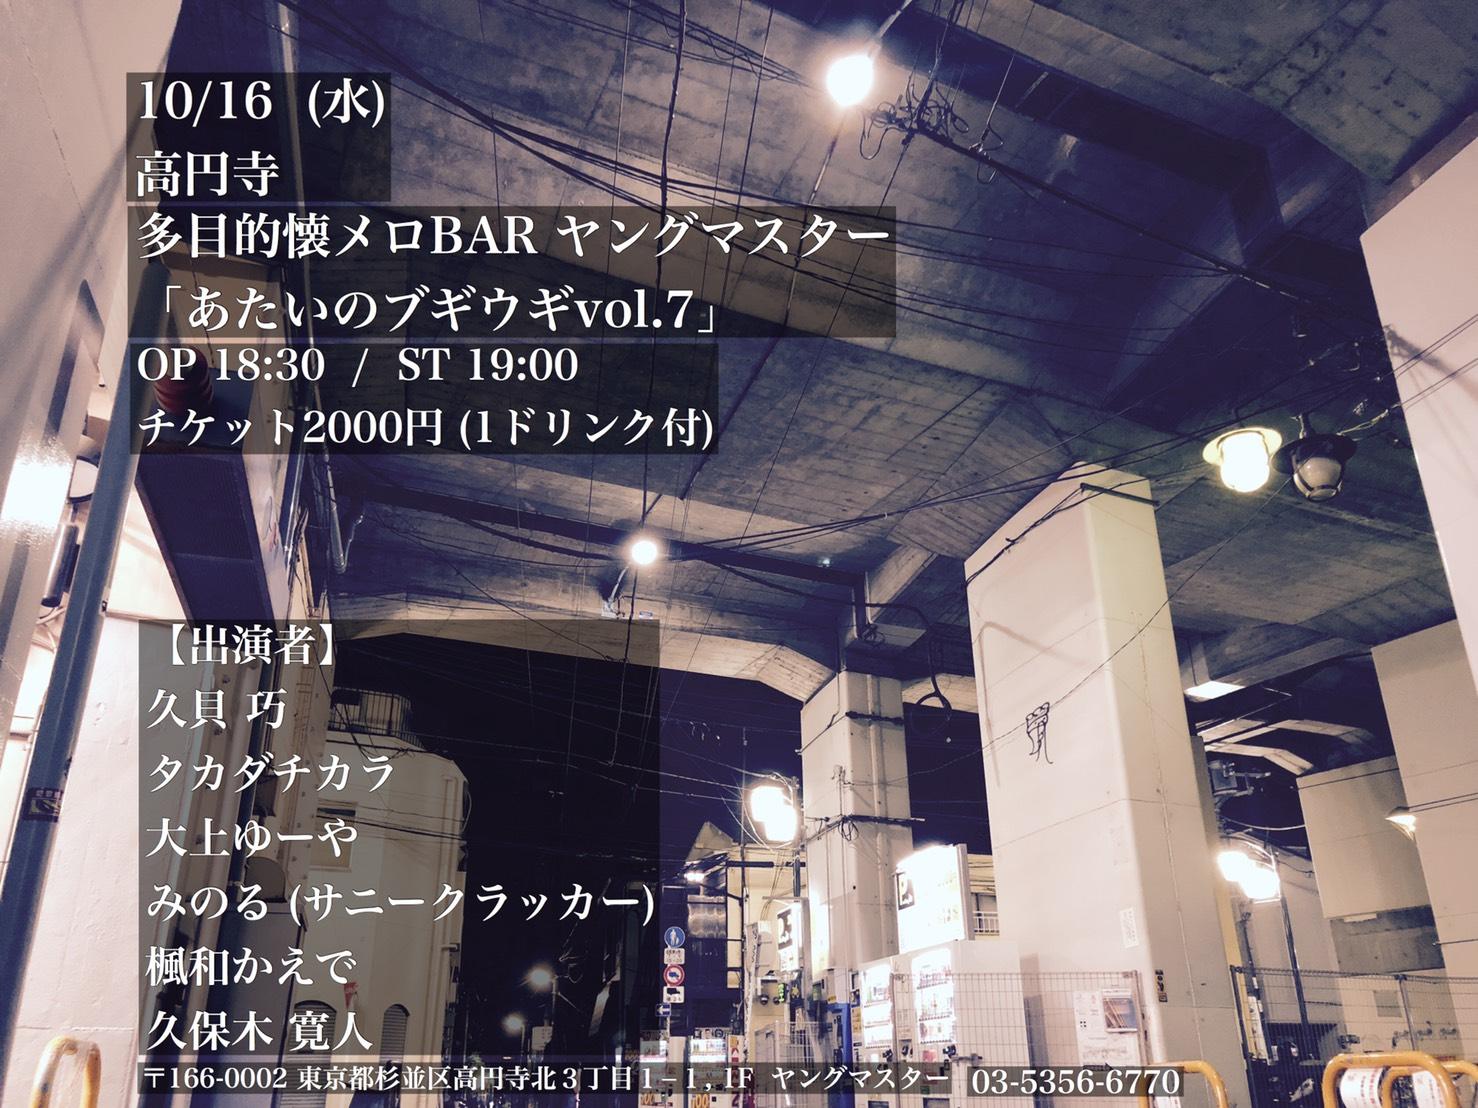 10/16 (水) ライブイベント「あたいのブギウギvol.7」 OP 18:30 / ST 19:00 チケット2000円 (1ドリンク付)